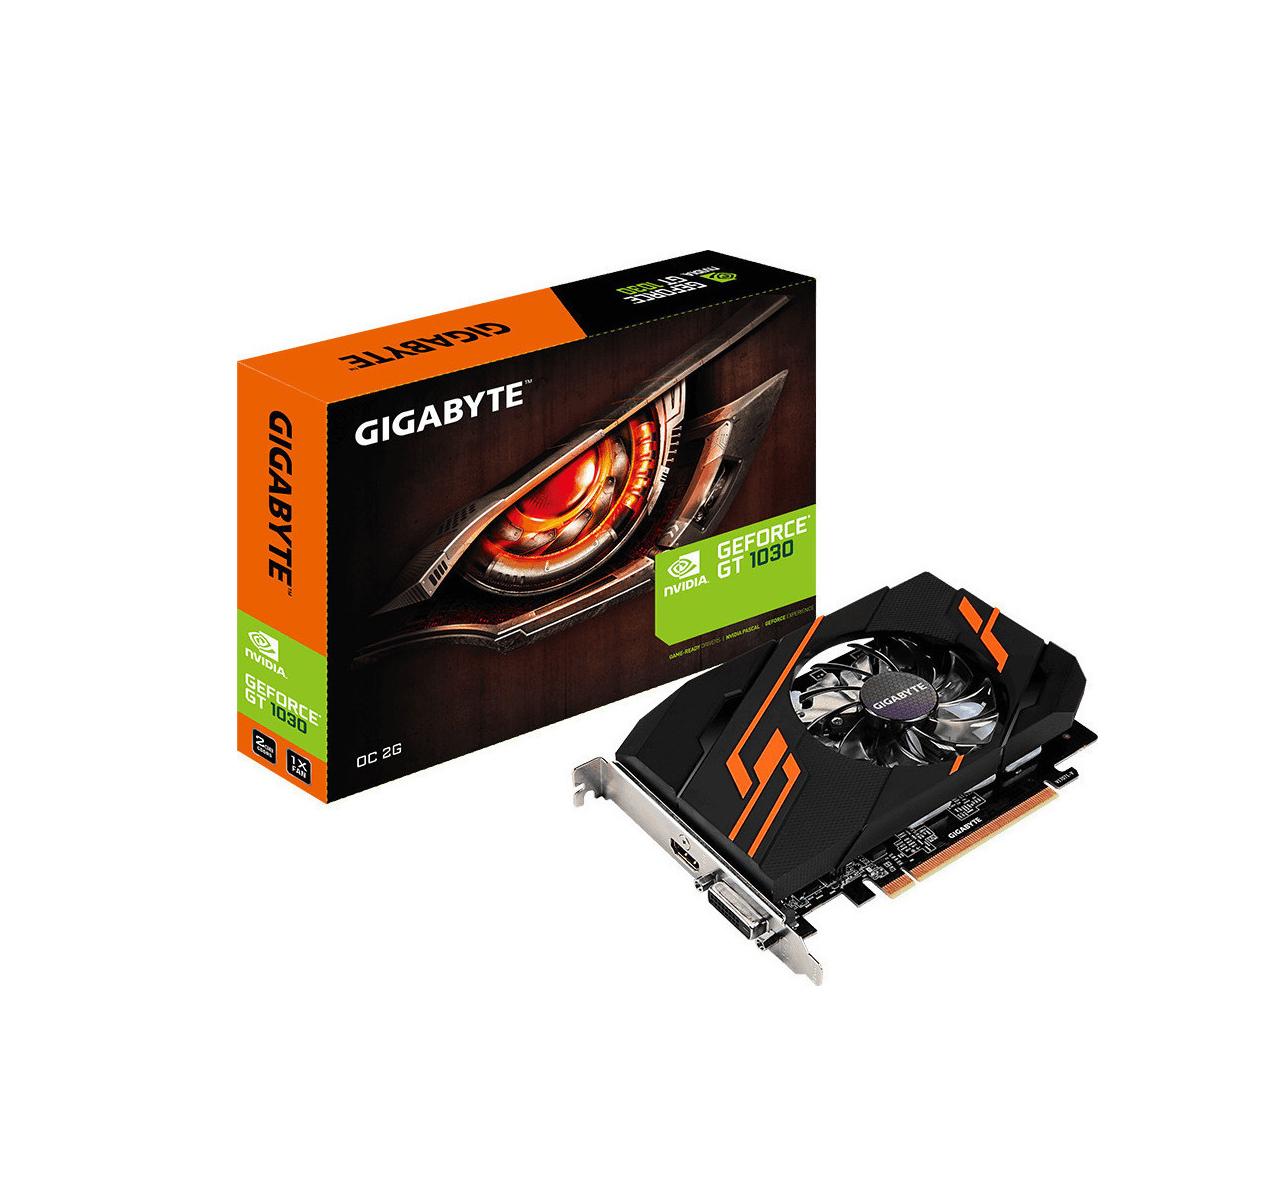 Gigabyte GeForce GT 1030 2GB OC GV-N1030OC-2GI Κάρτα Γραφικών